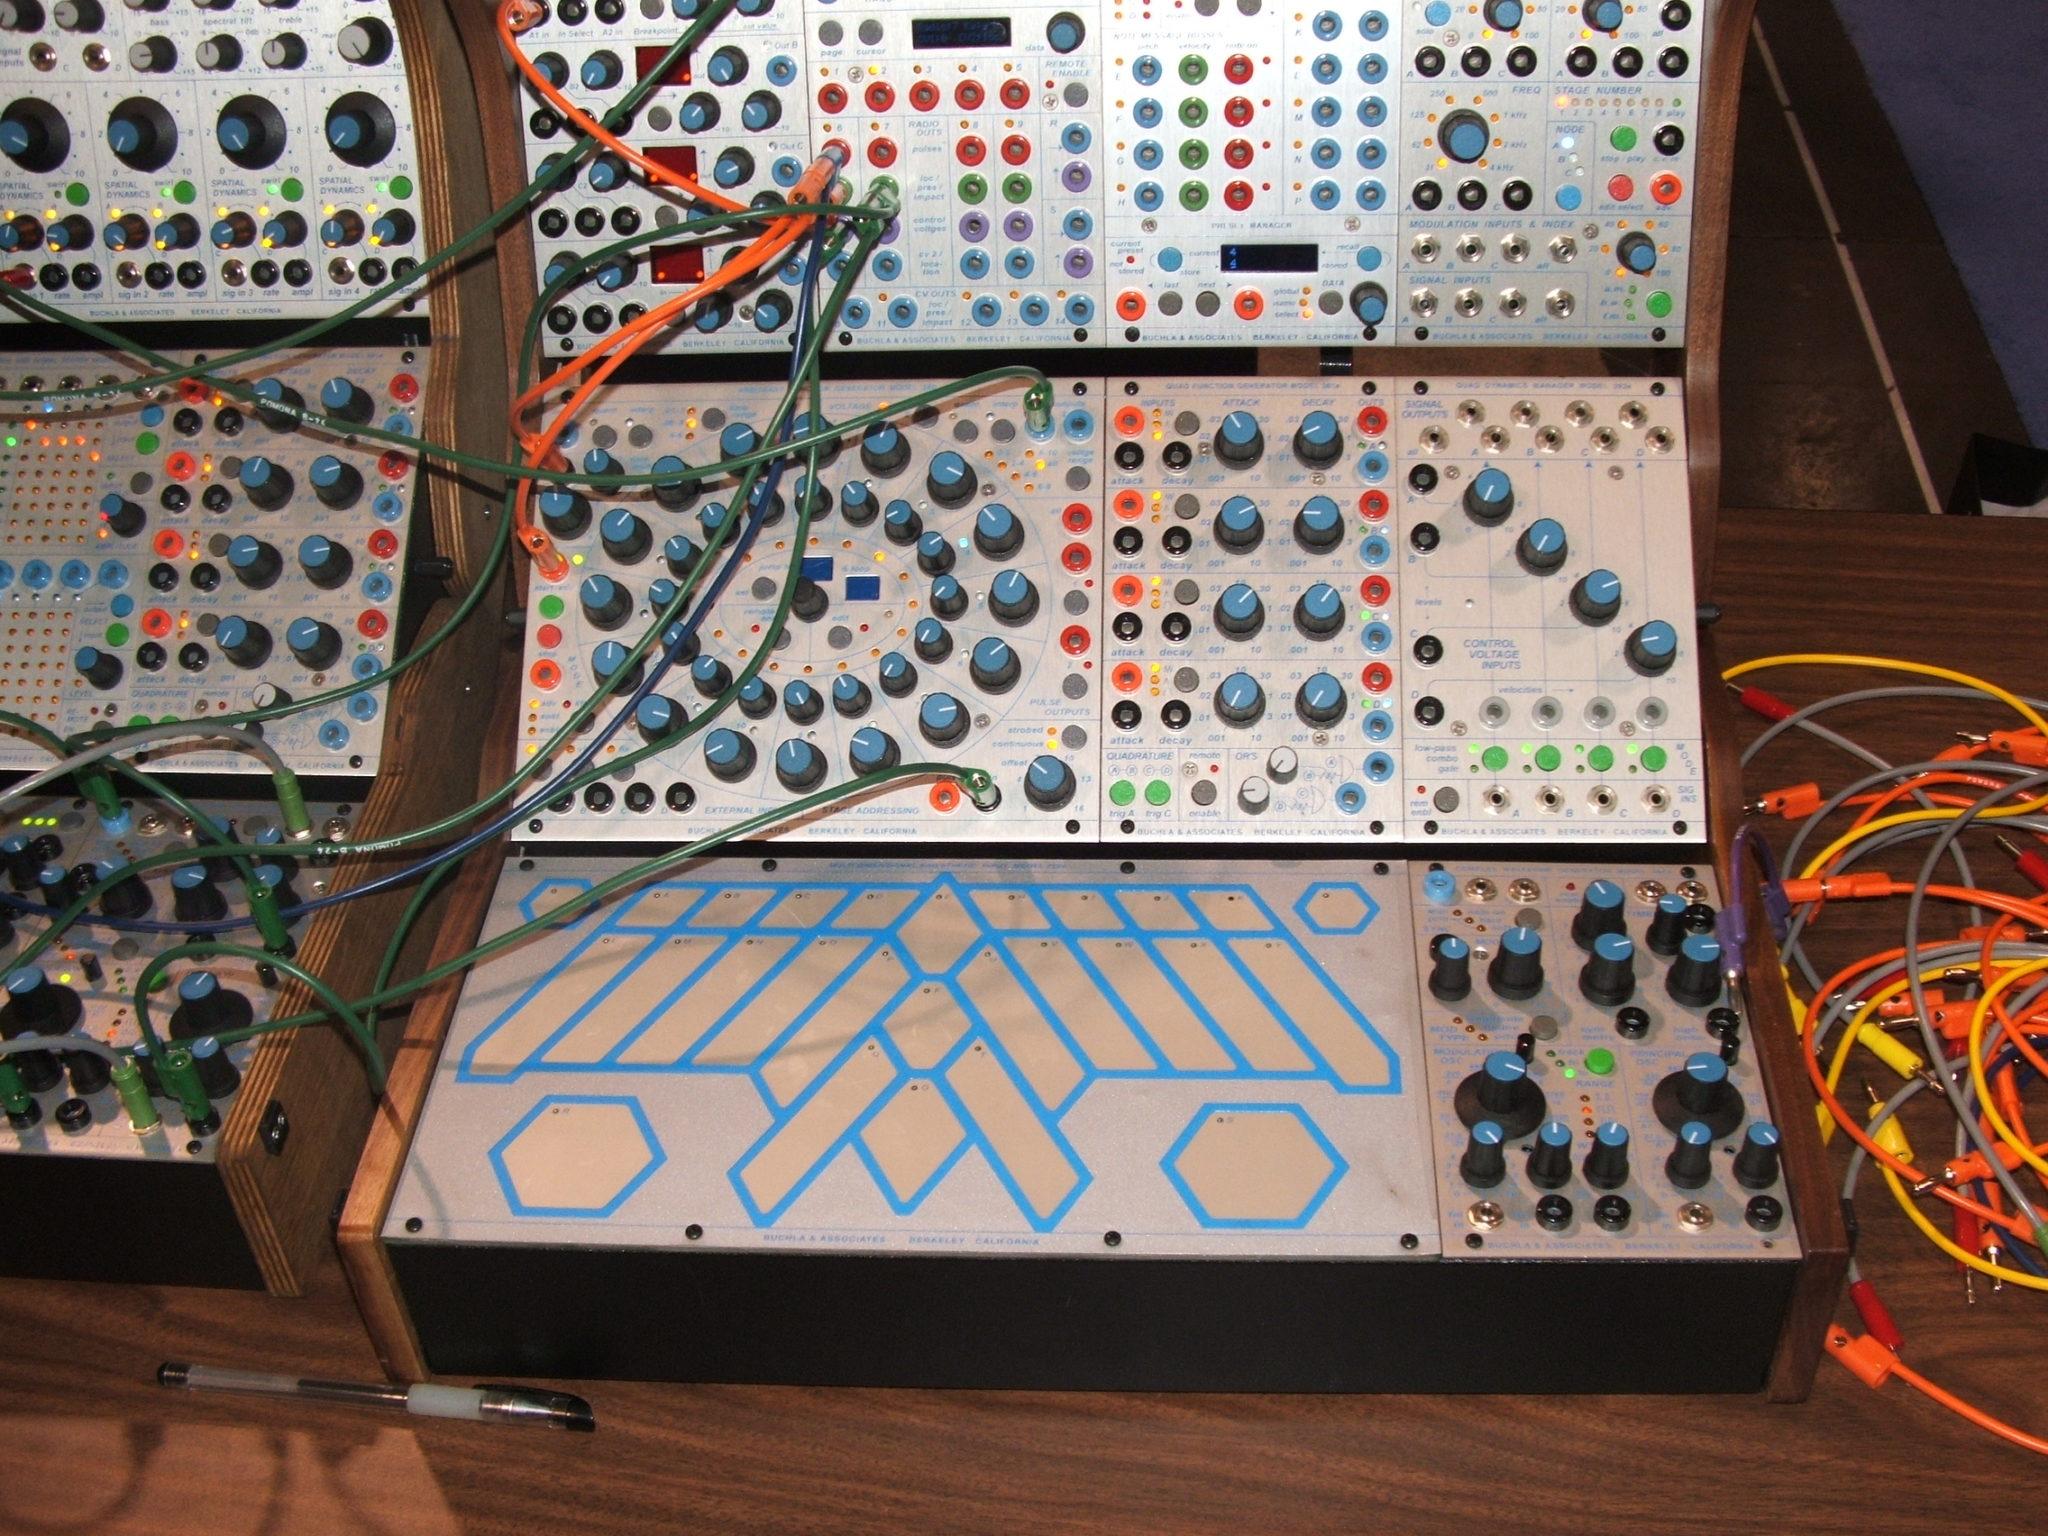 Synthétiseur avec différents modules